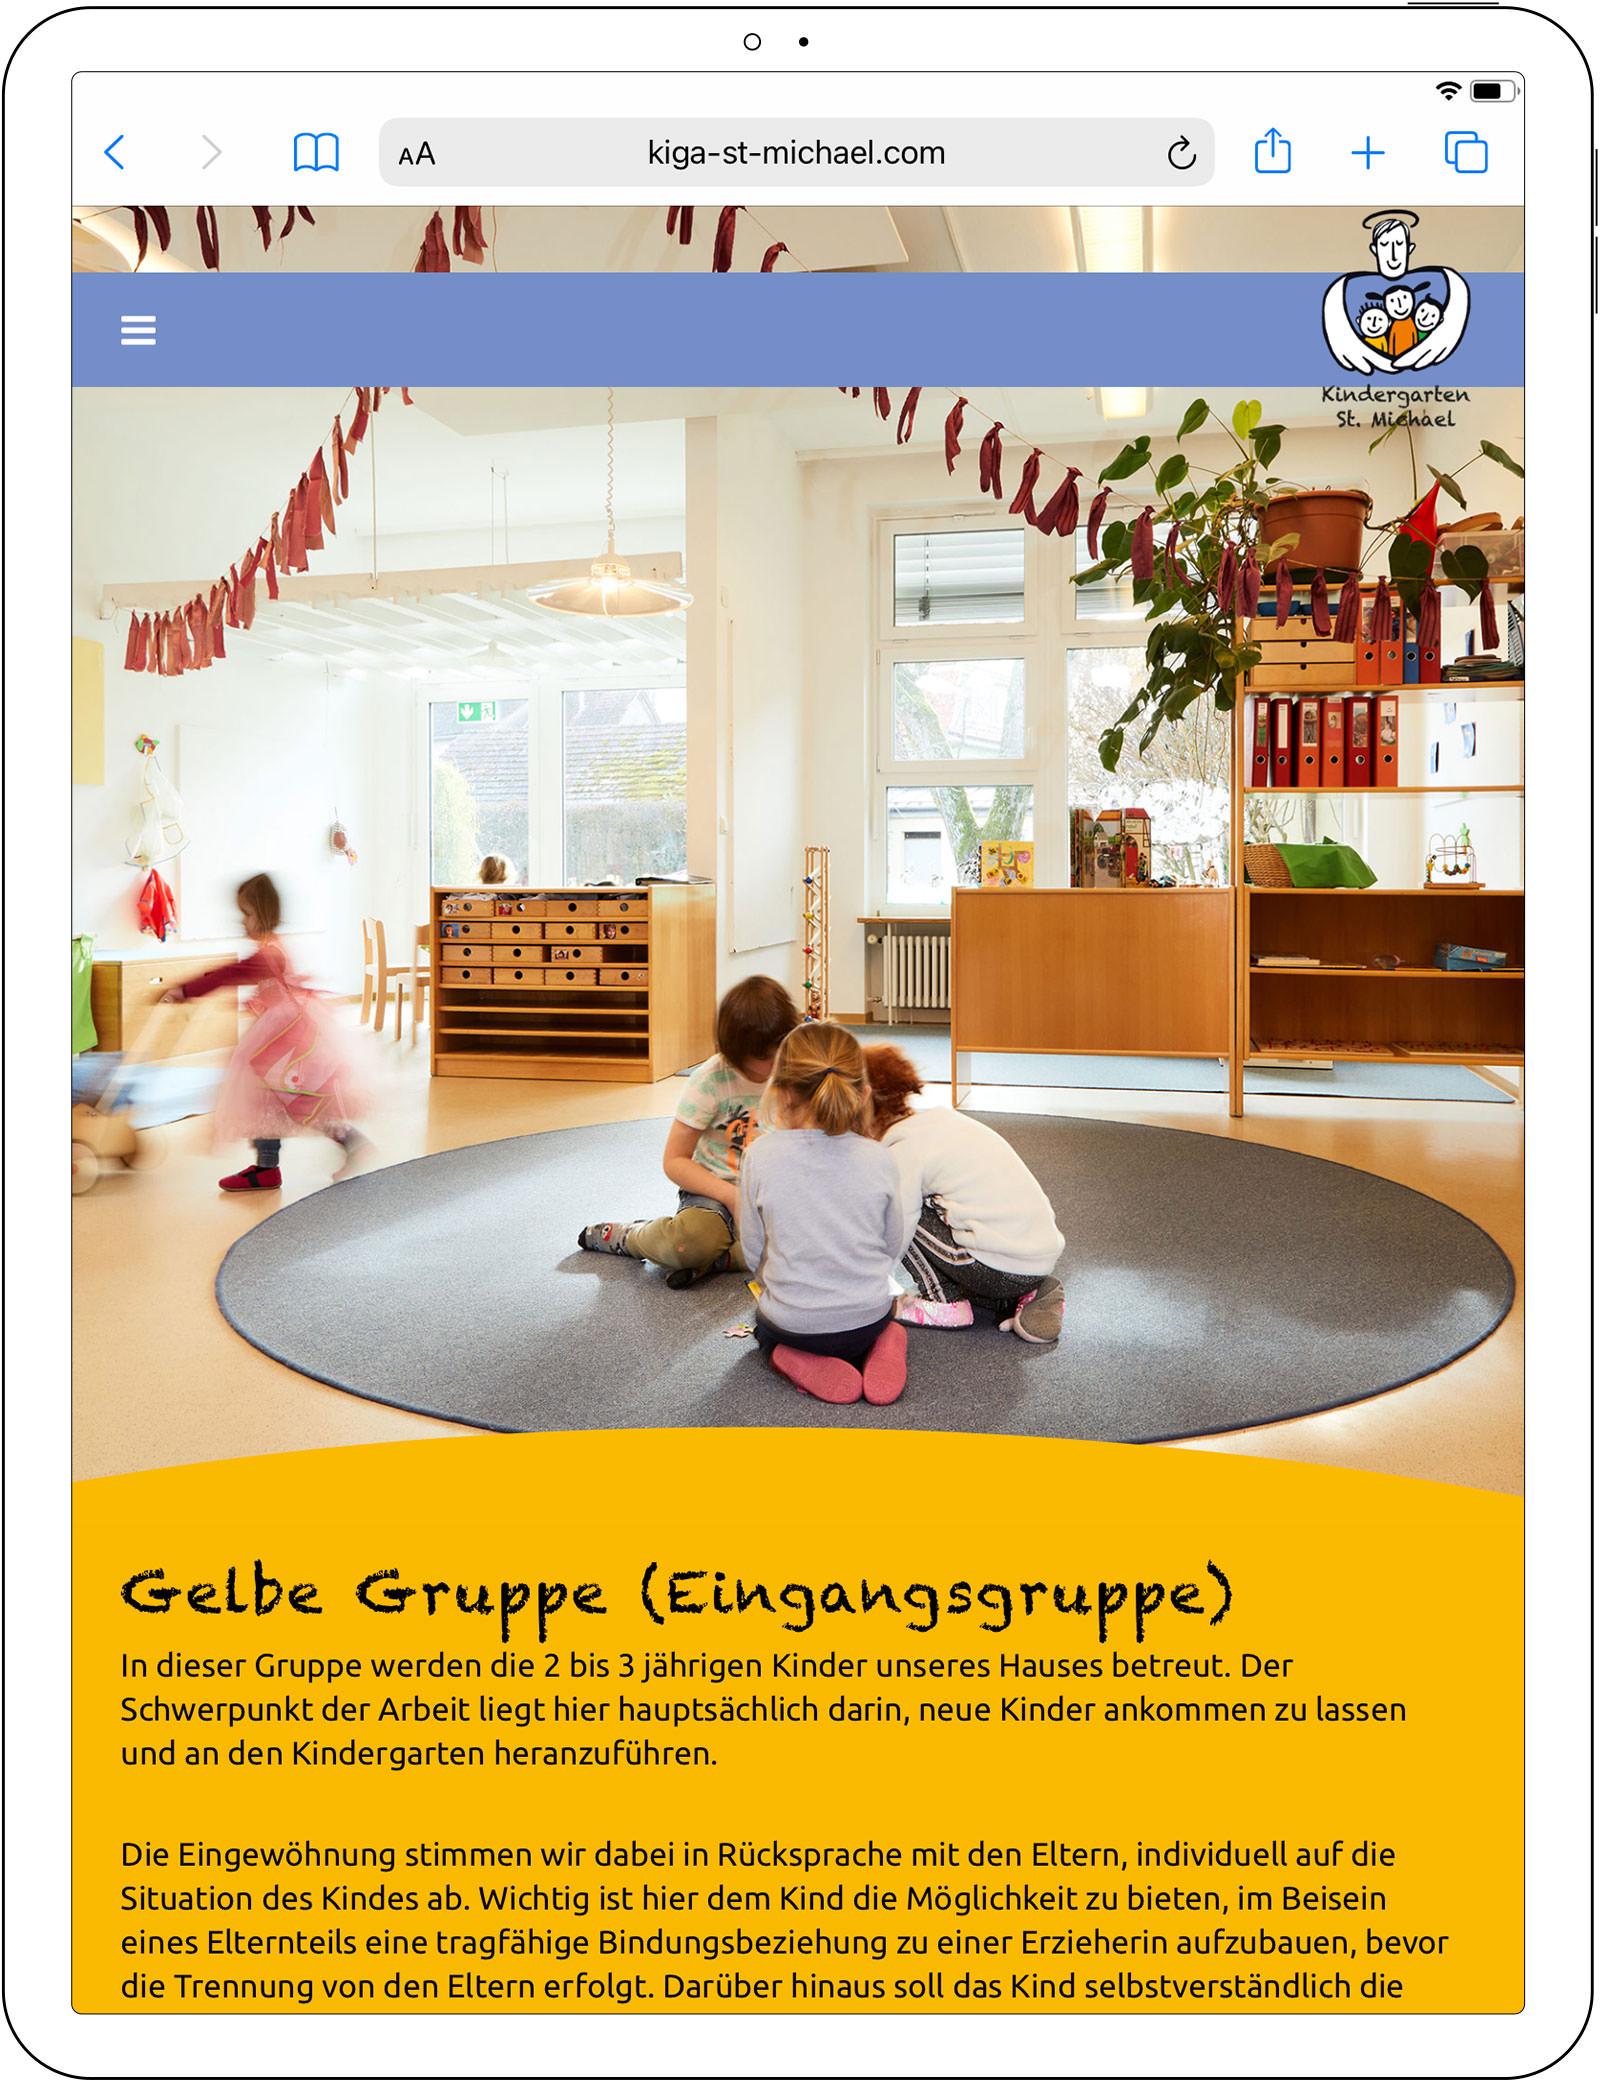 Neue Fotos für die Webpräsenz des Kindergarten St. Michael, Kressbronn am Bodensee, 2020